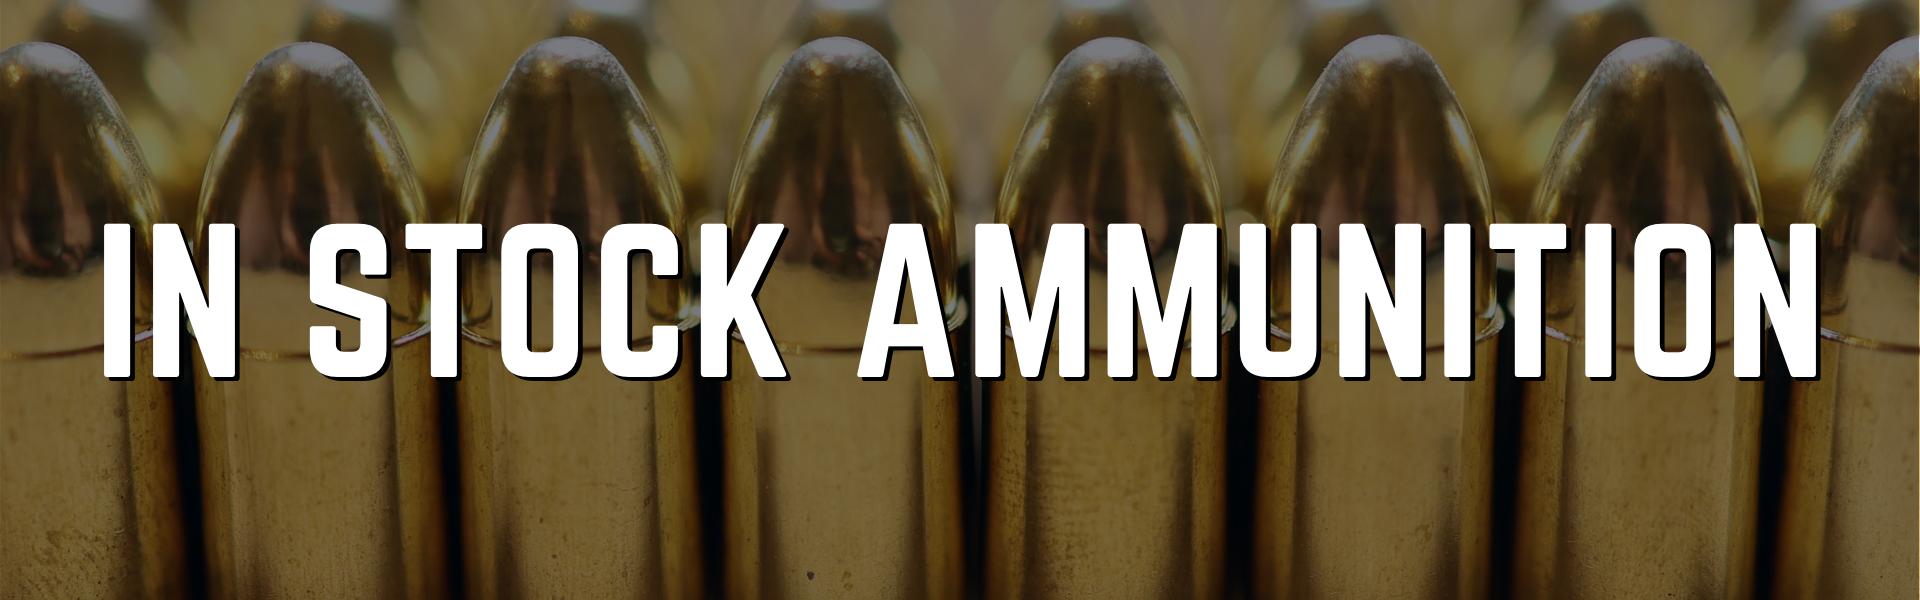 https://every-day-gun-guy.ammoreadycloud.com/brands